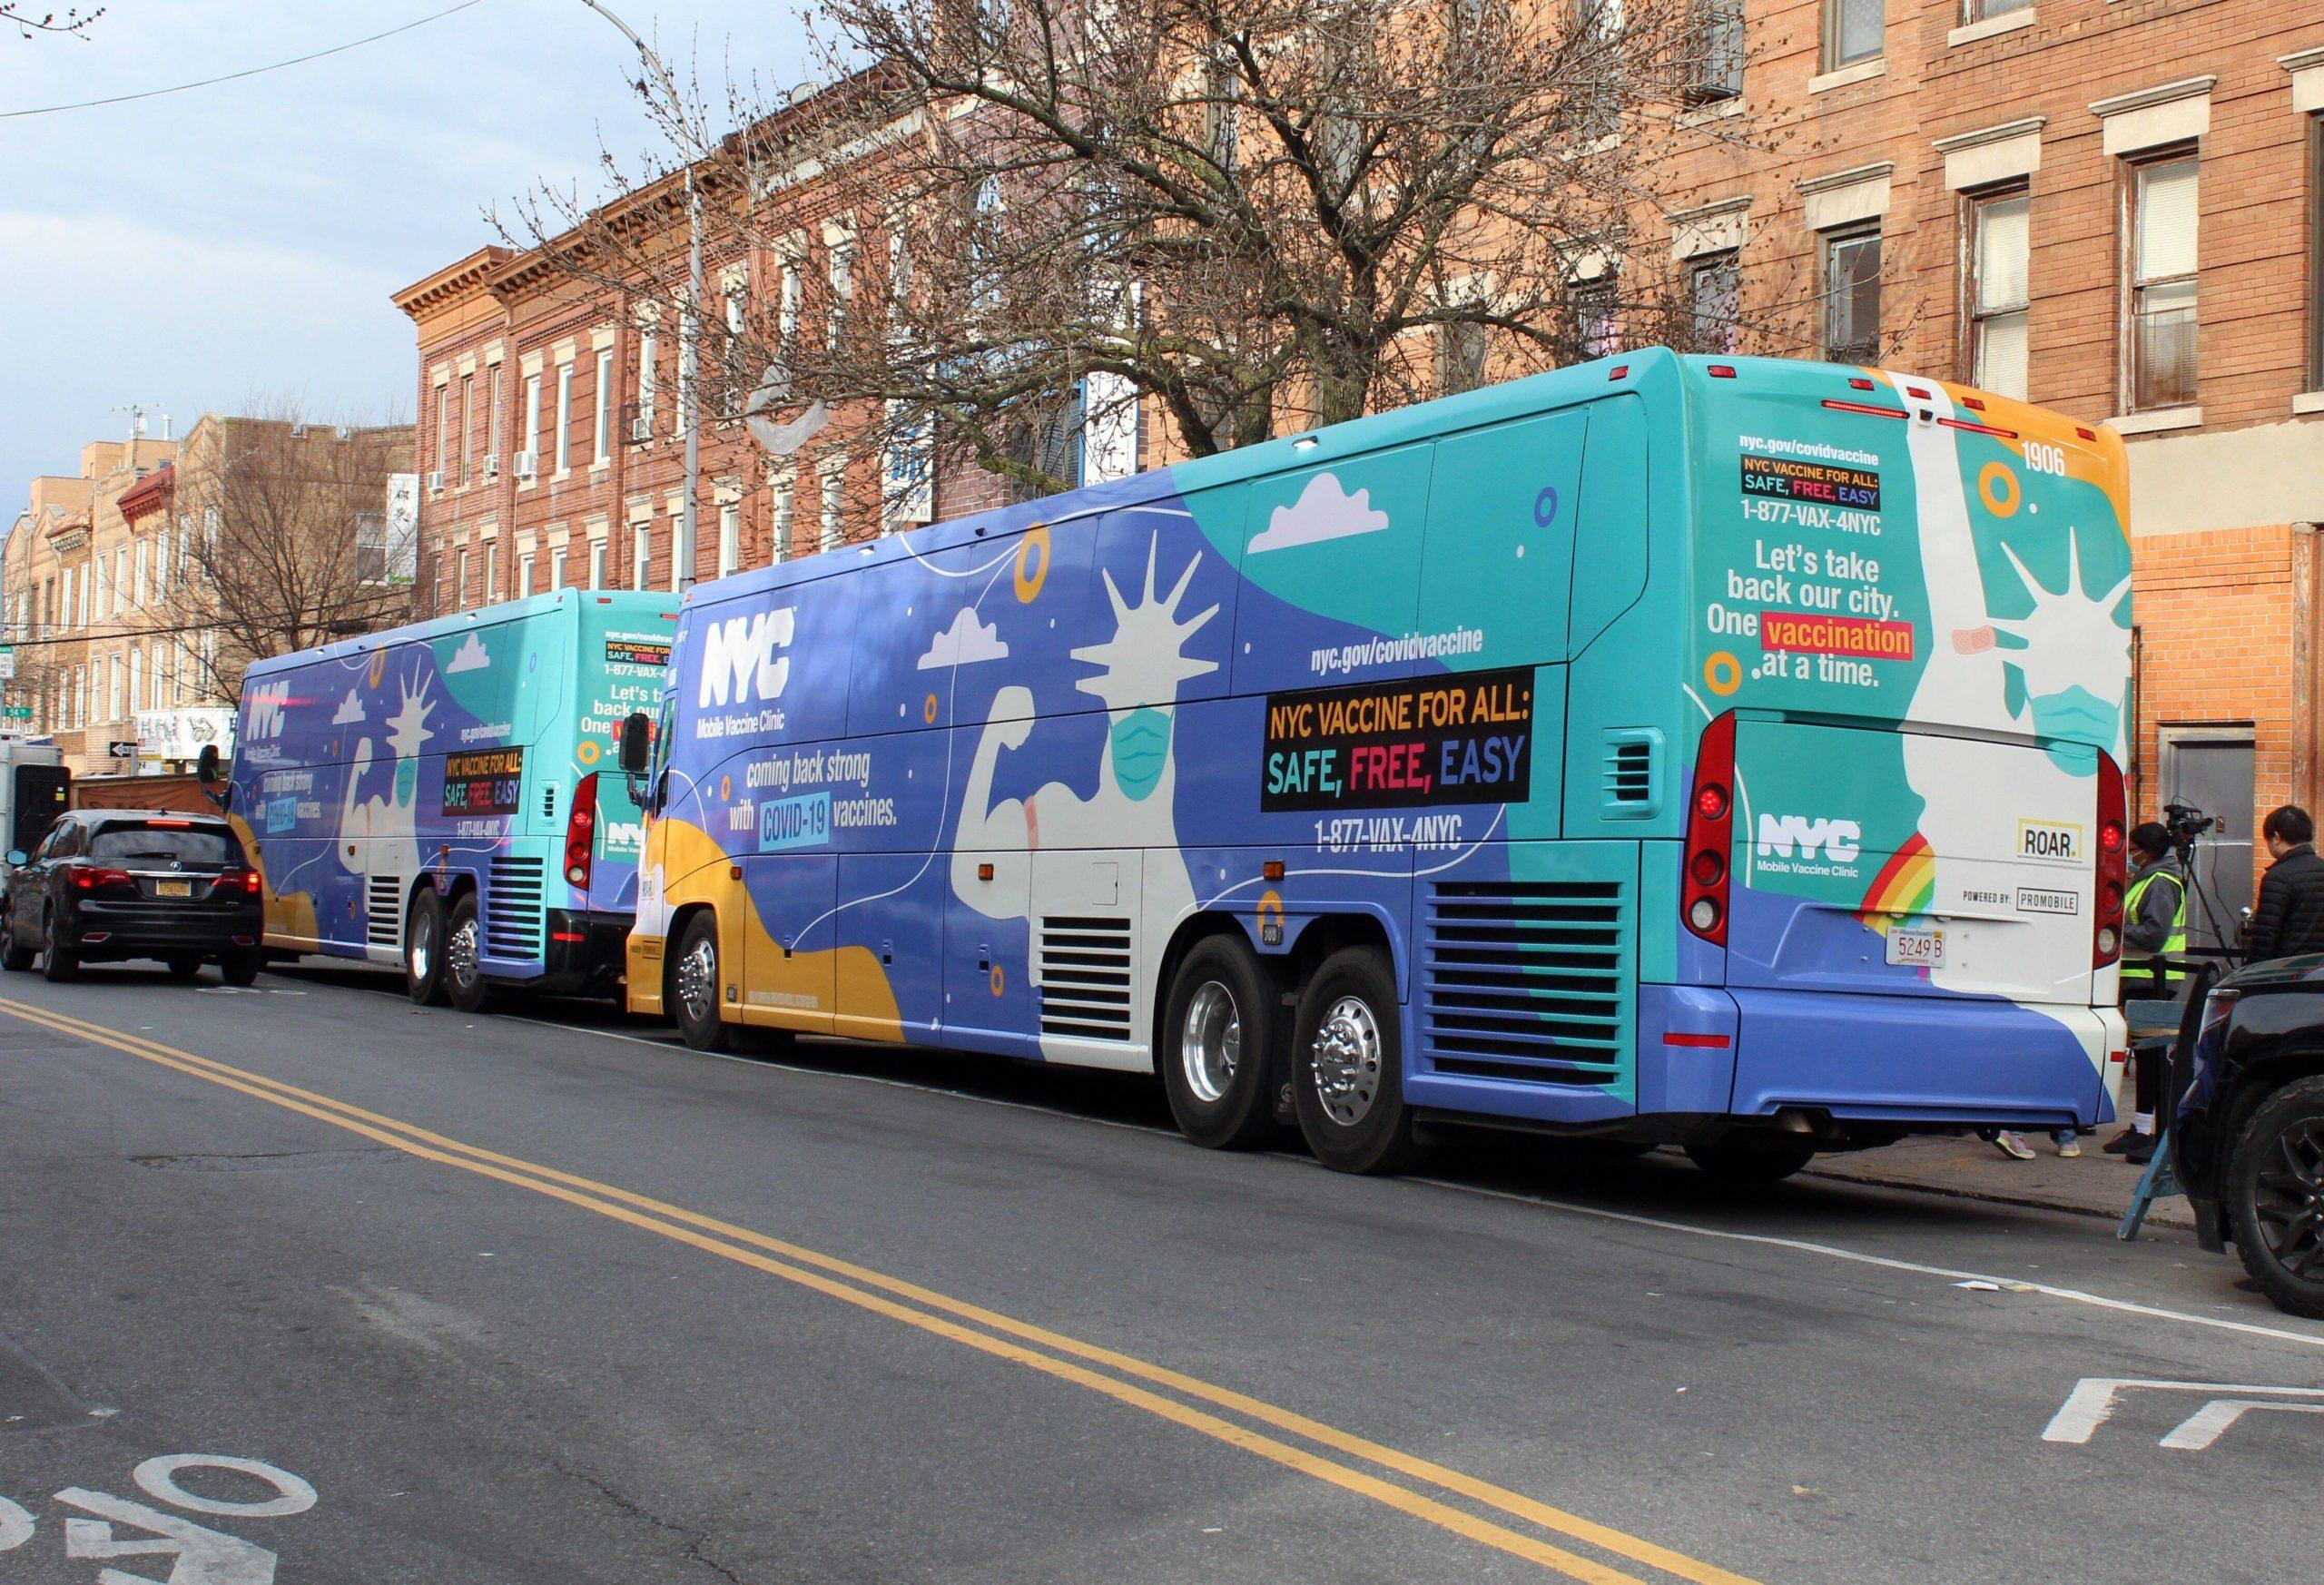 Unkompliziert: In New York City geht Impfen im Bus, durch Brooklyn fahren mobile Impfzentren. Foto: Imago/Agencia EFE